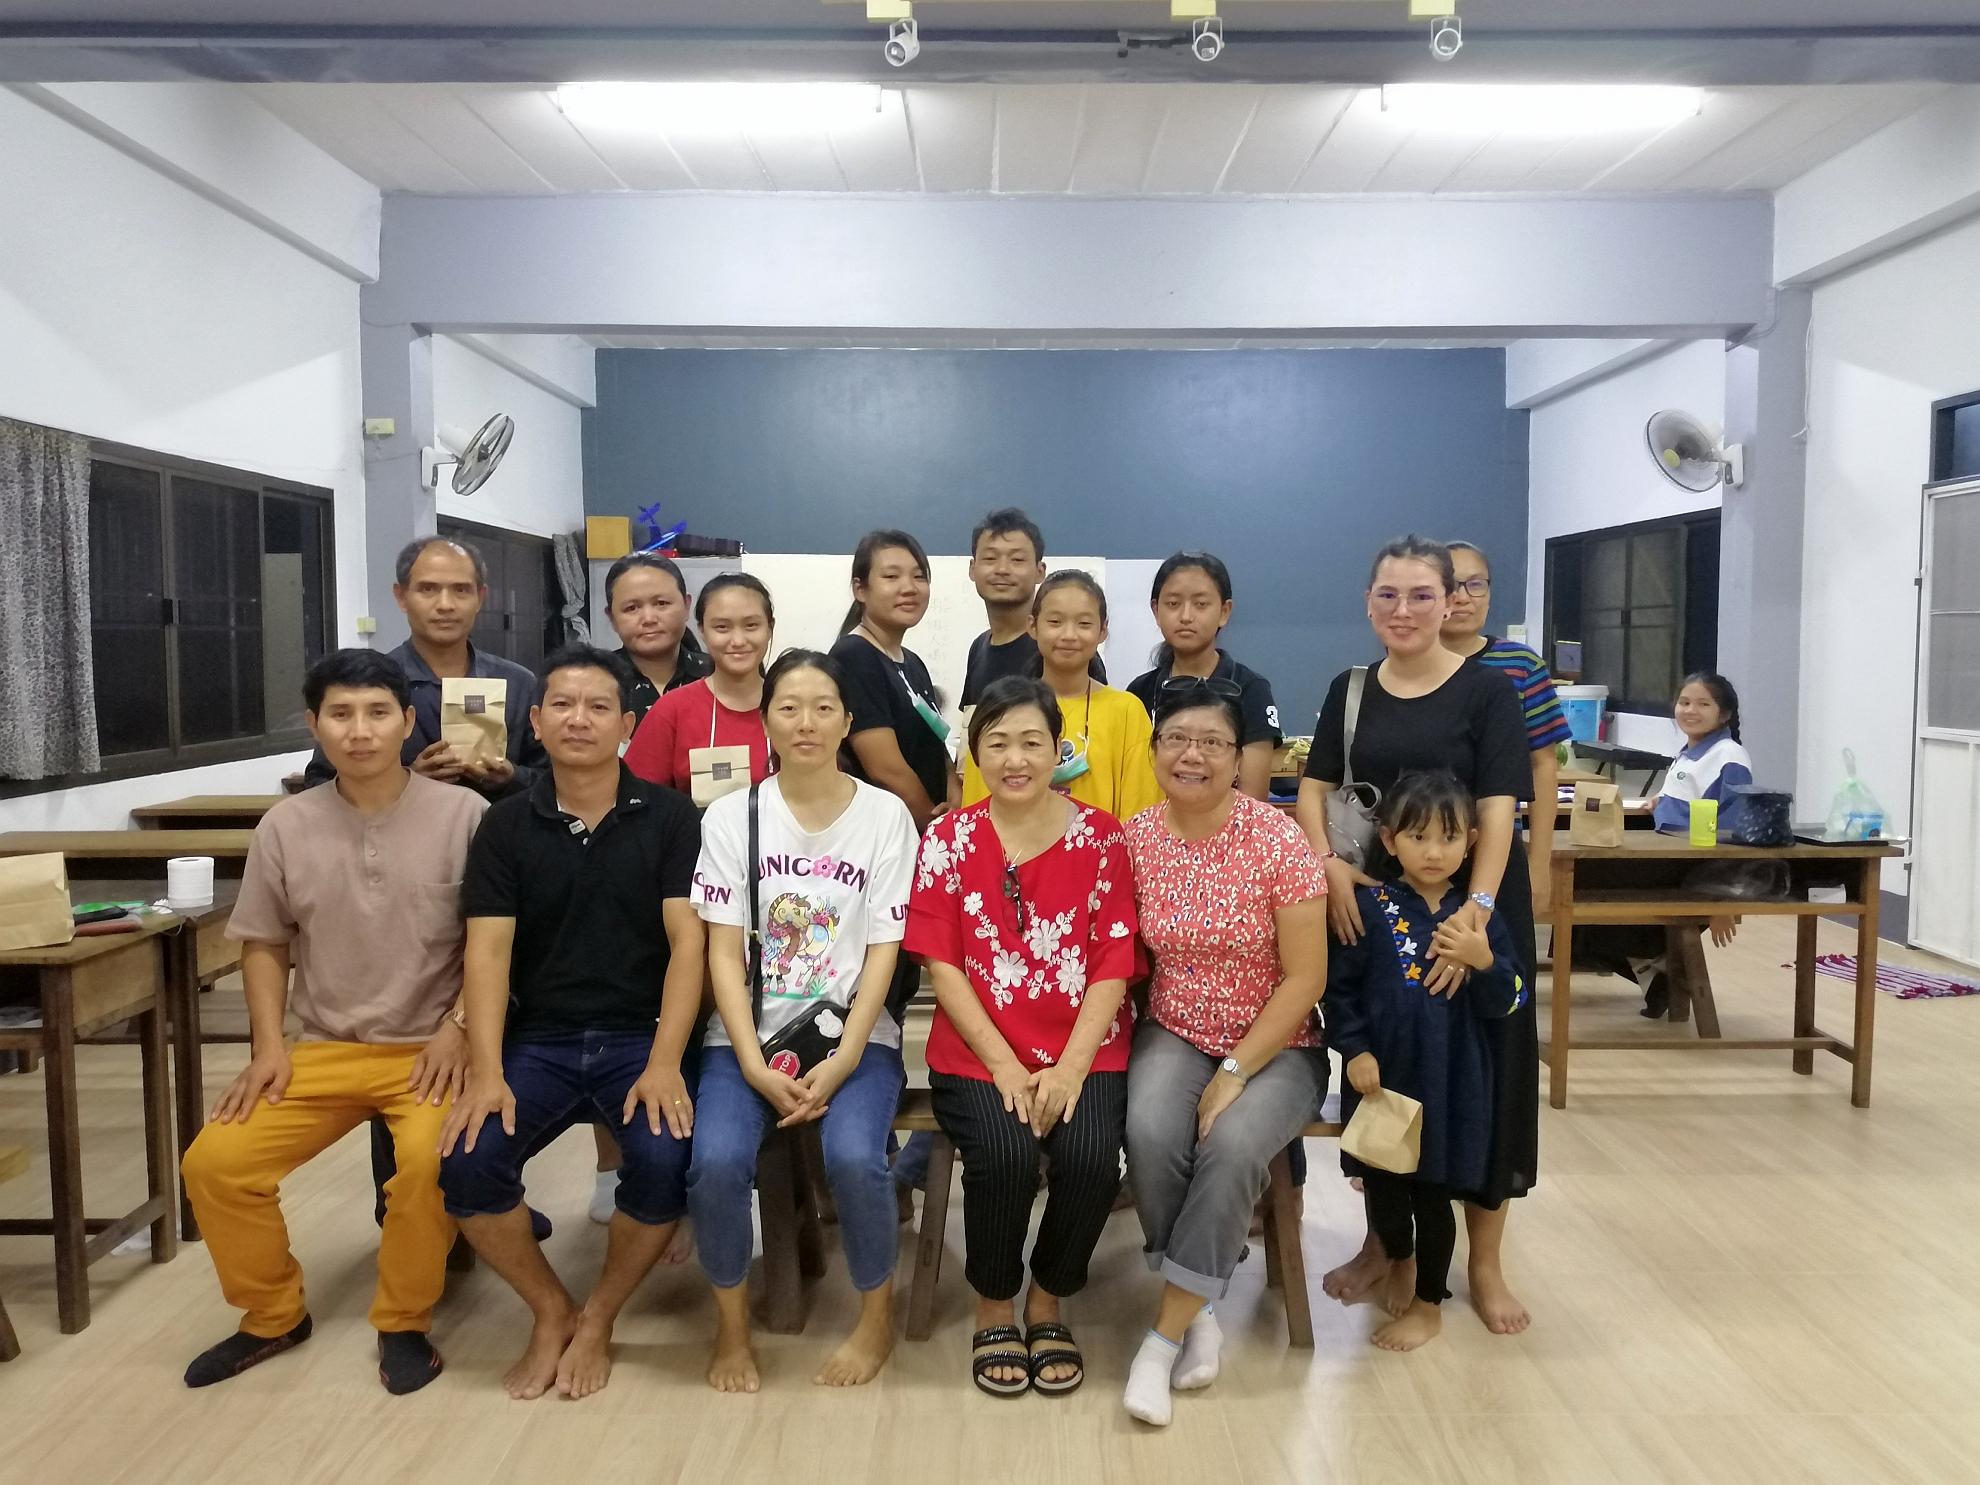 十一月初,新天學生中心傳道同工們往芳縣, 探望芳華學校的負責人,並為學校的福音事工祈禱。